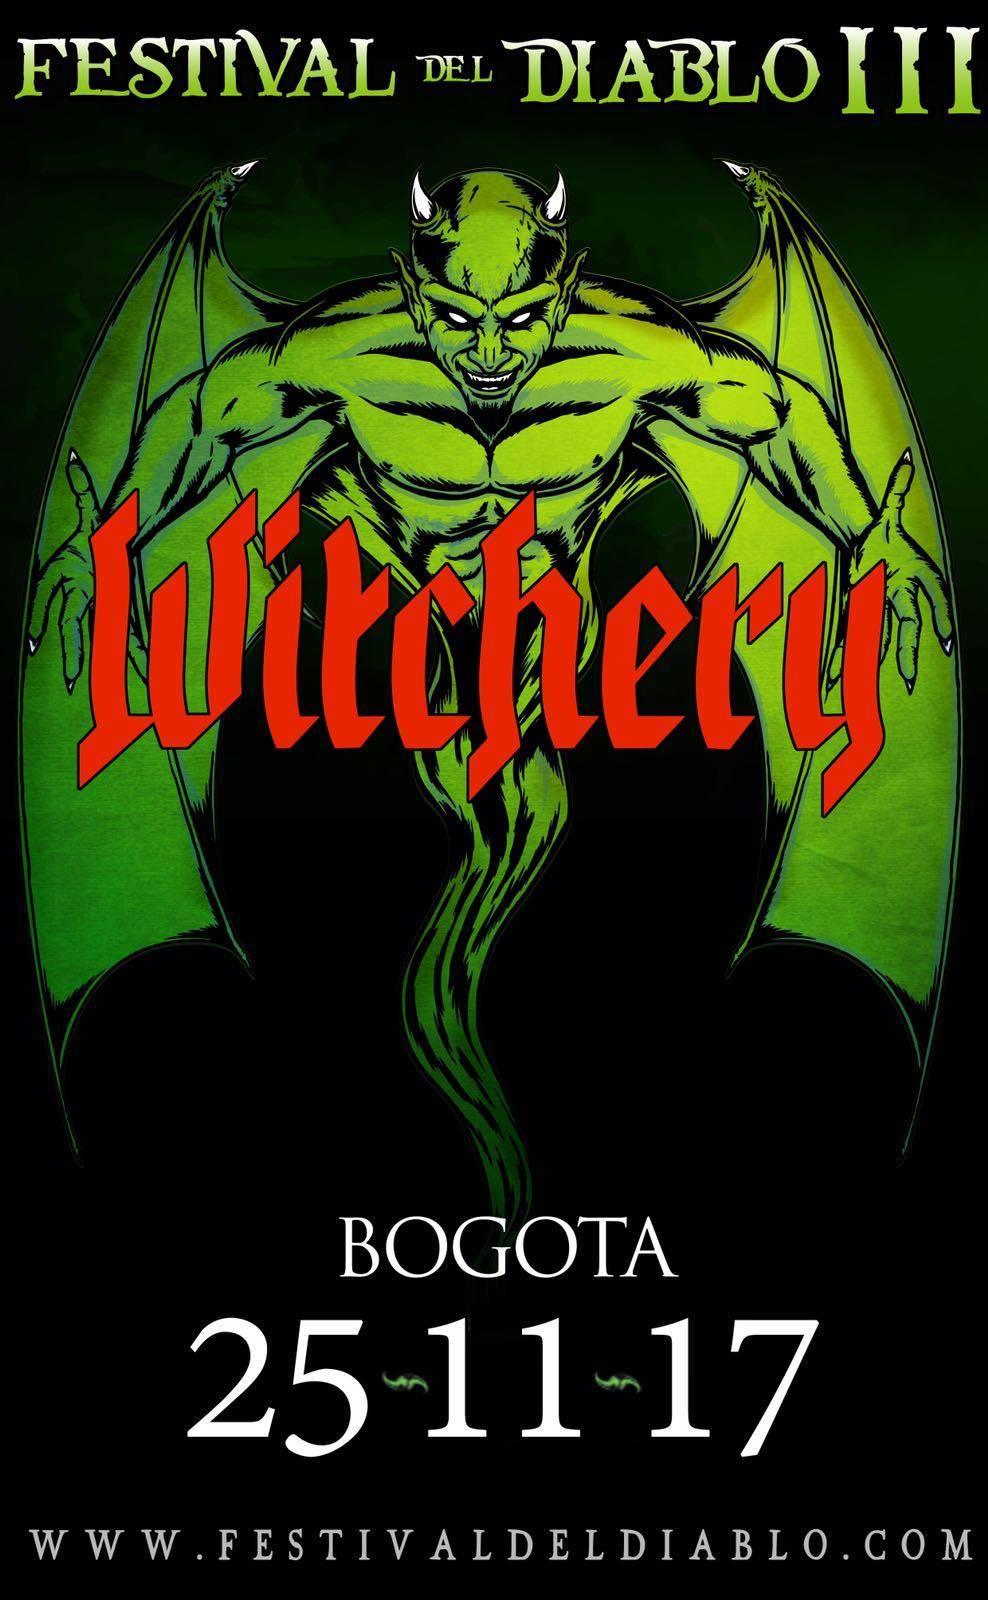 WitcheryFDIII